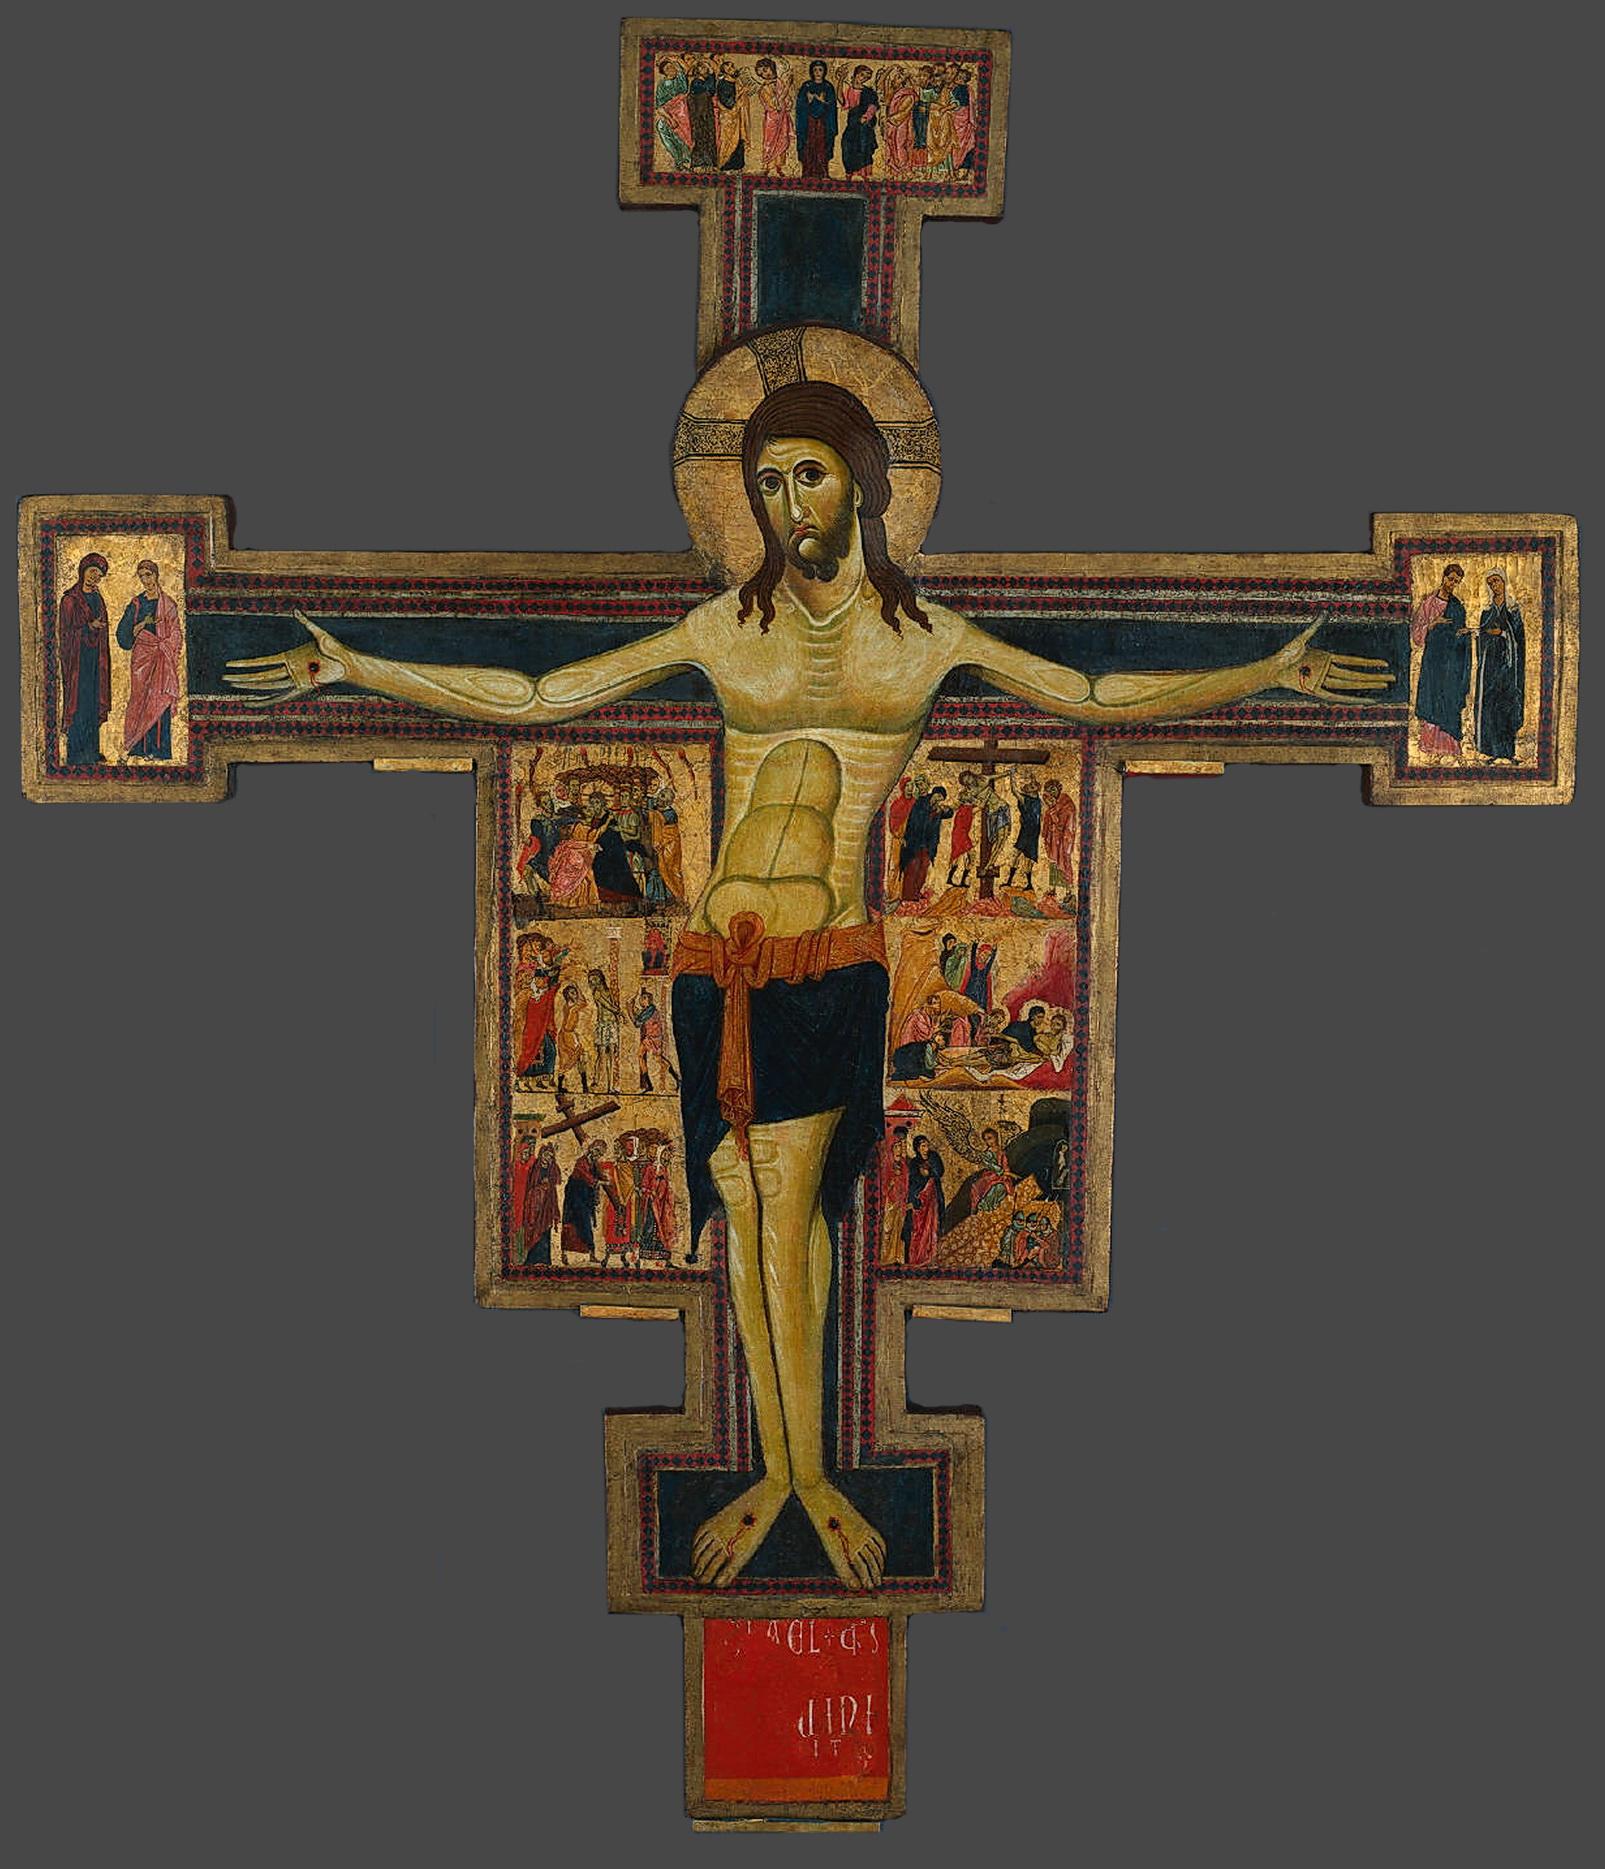 Cristo, o Triunfante. Crucificação, com cenas dos Evangelhos e santos selecionados